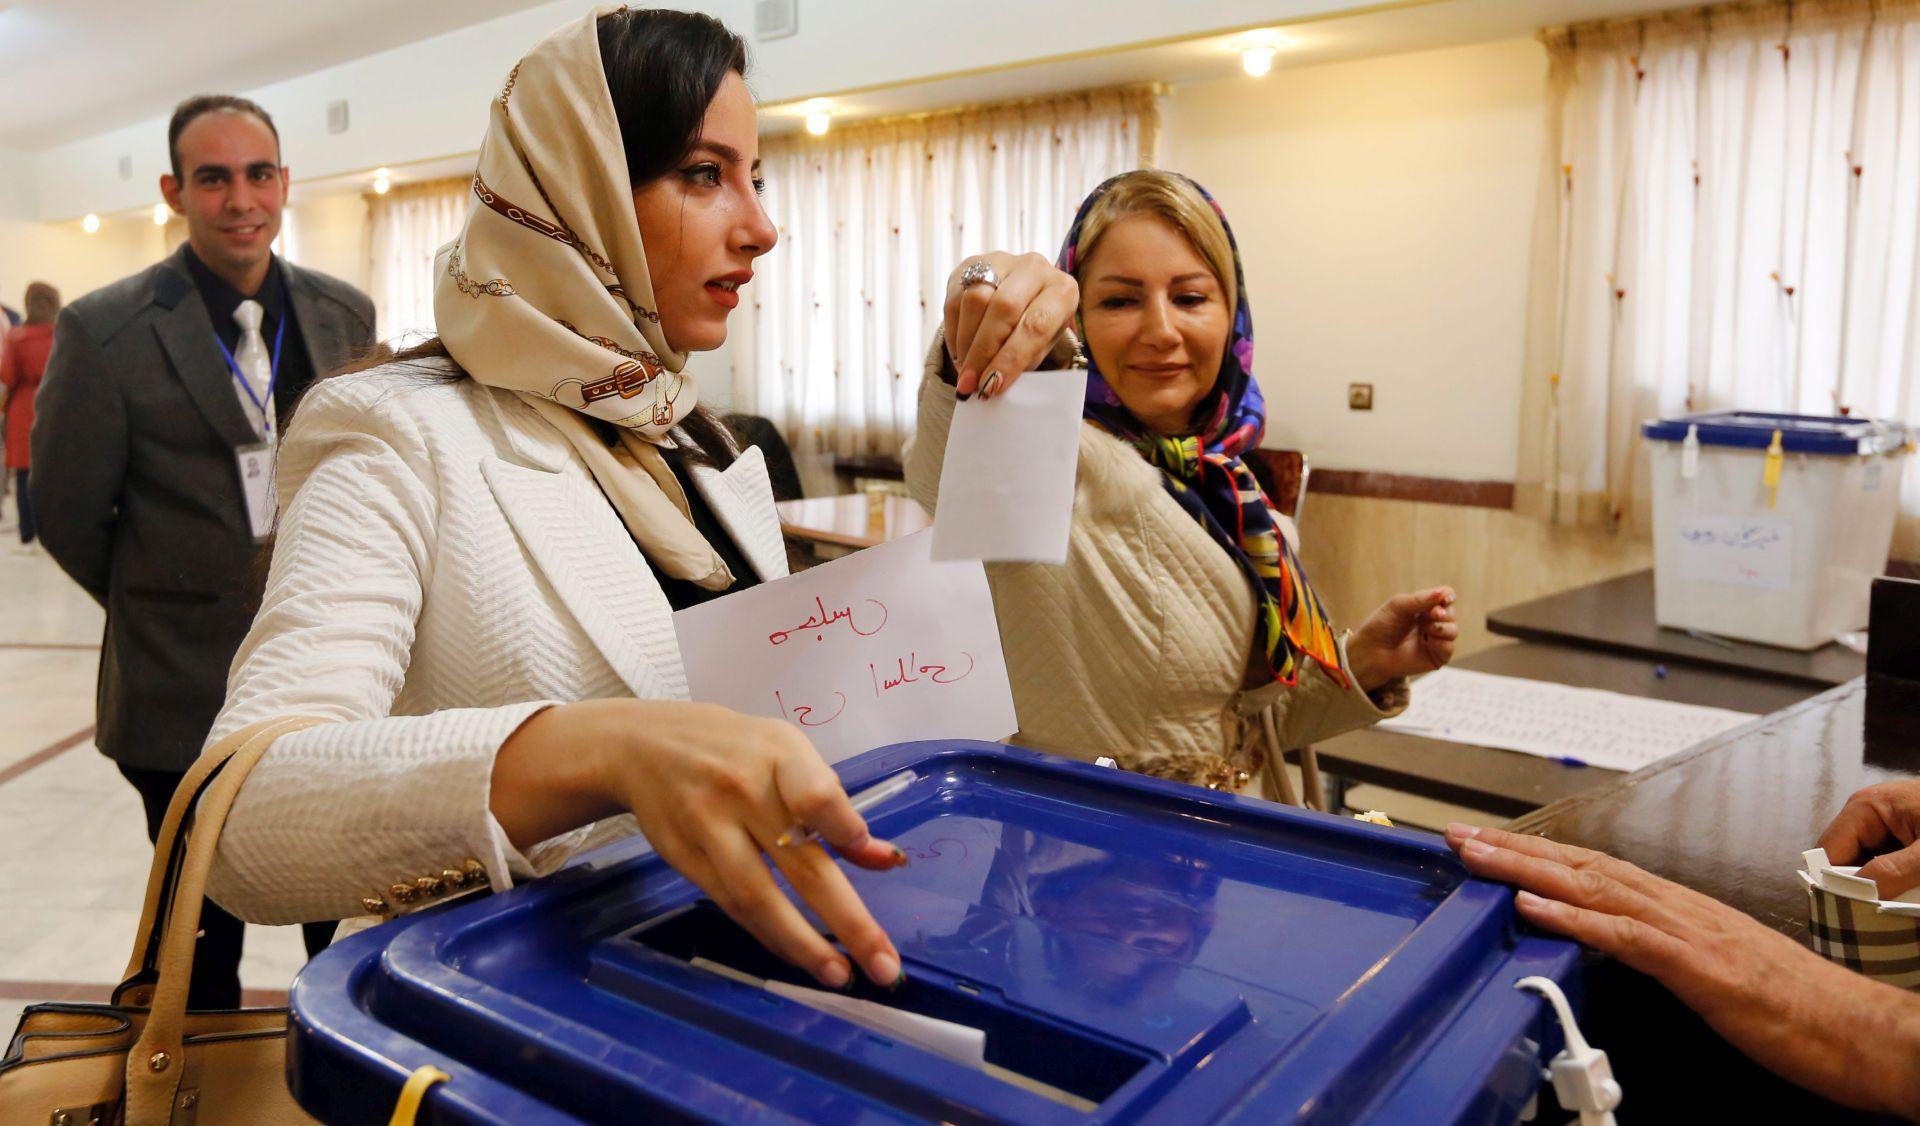 ZAPOČELO GLASOVANJE: Drugi krug parlamentarnih izbora u Iranu